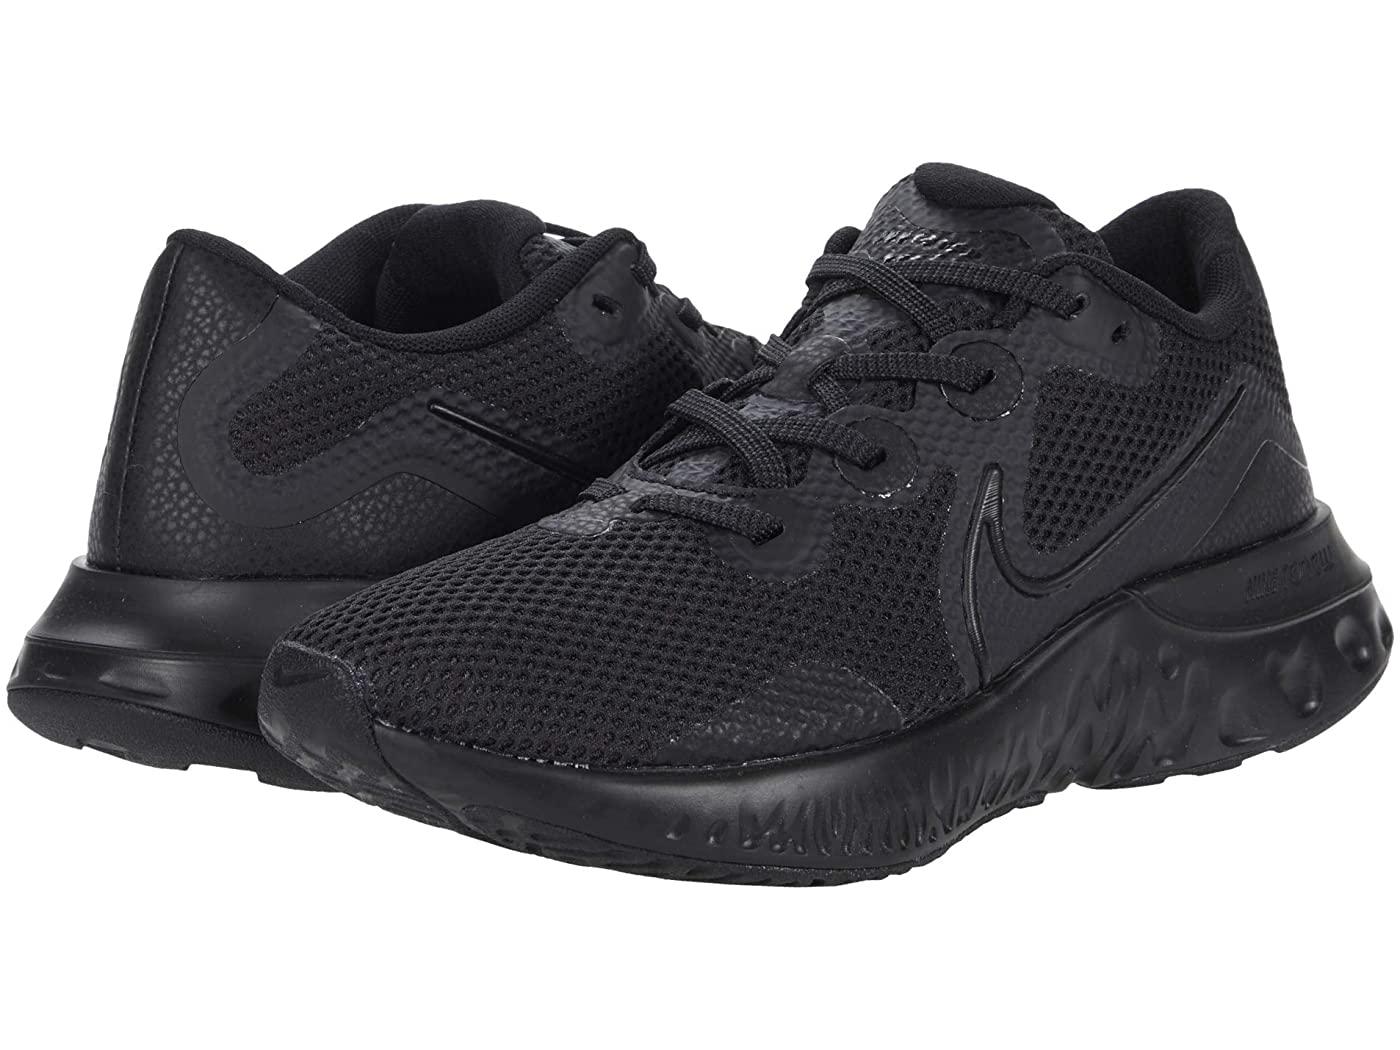 Nike Women's Renew Run Running Shoe